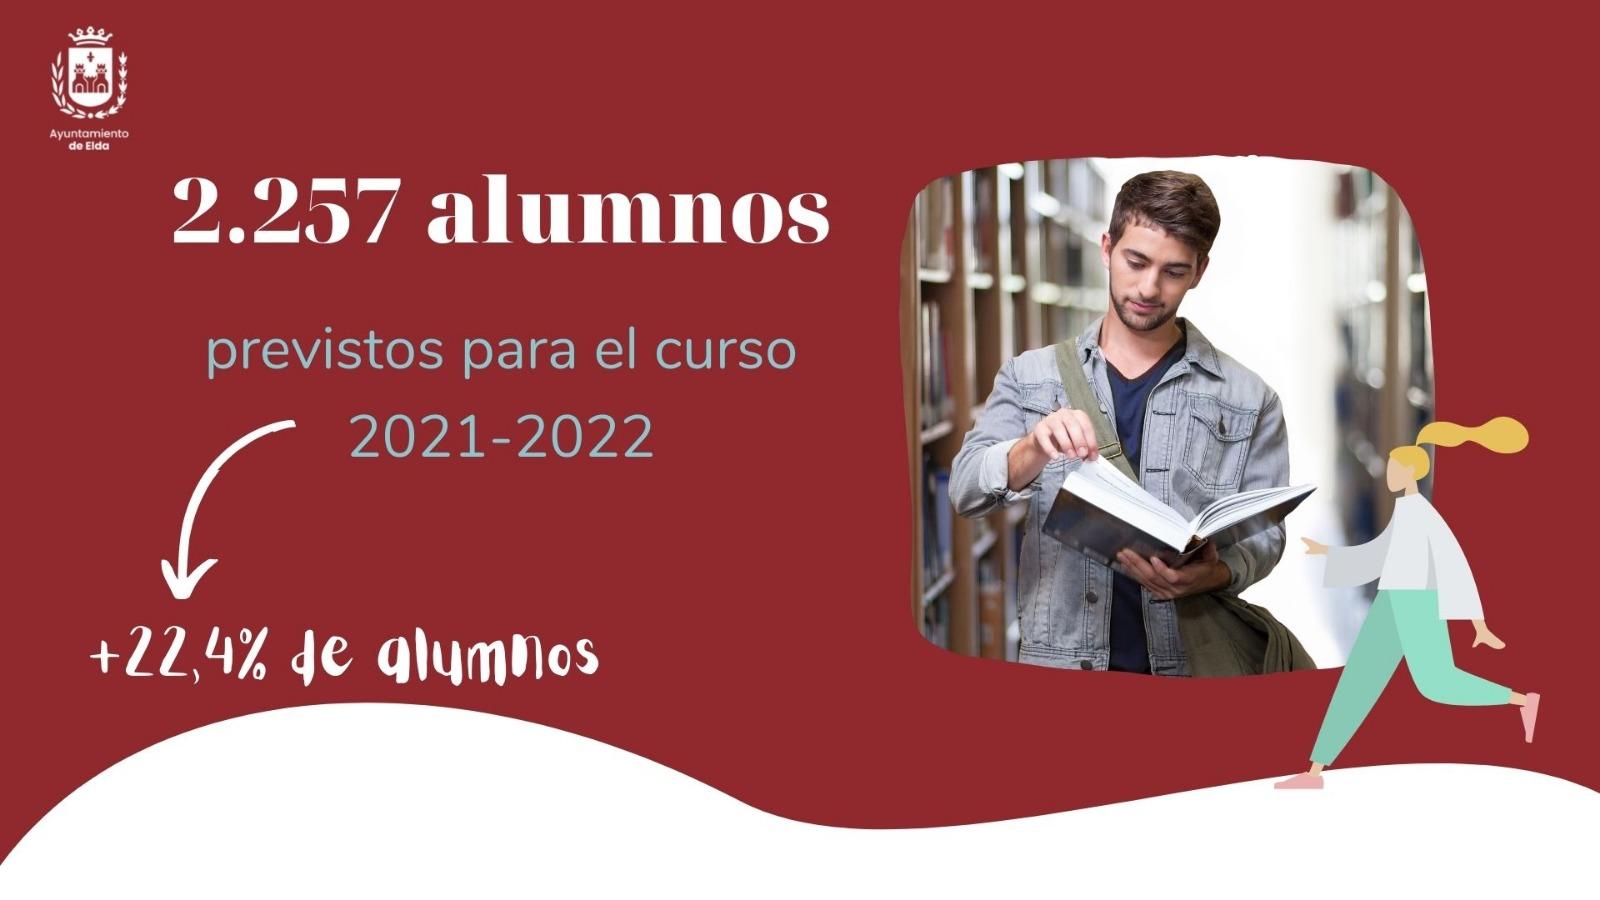 El plazo de matriculación para la oferta formativa de FP en los institutos de Elda que aún disponen de plazas libres permanecerá abierto hasta el próximo 30 de octubre